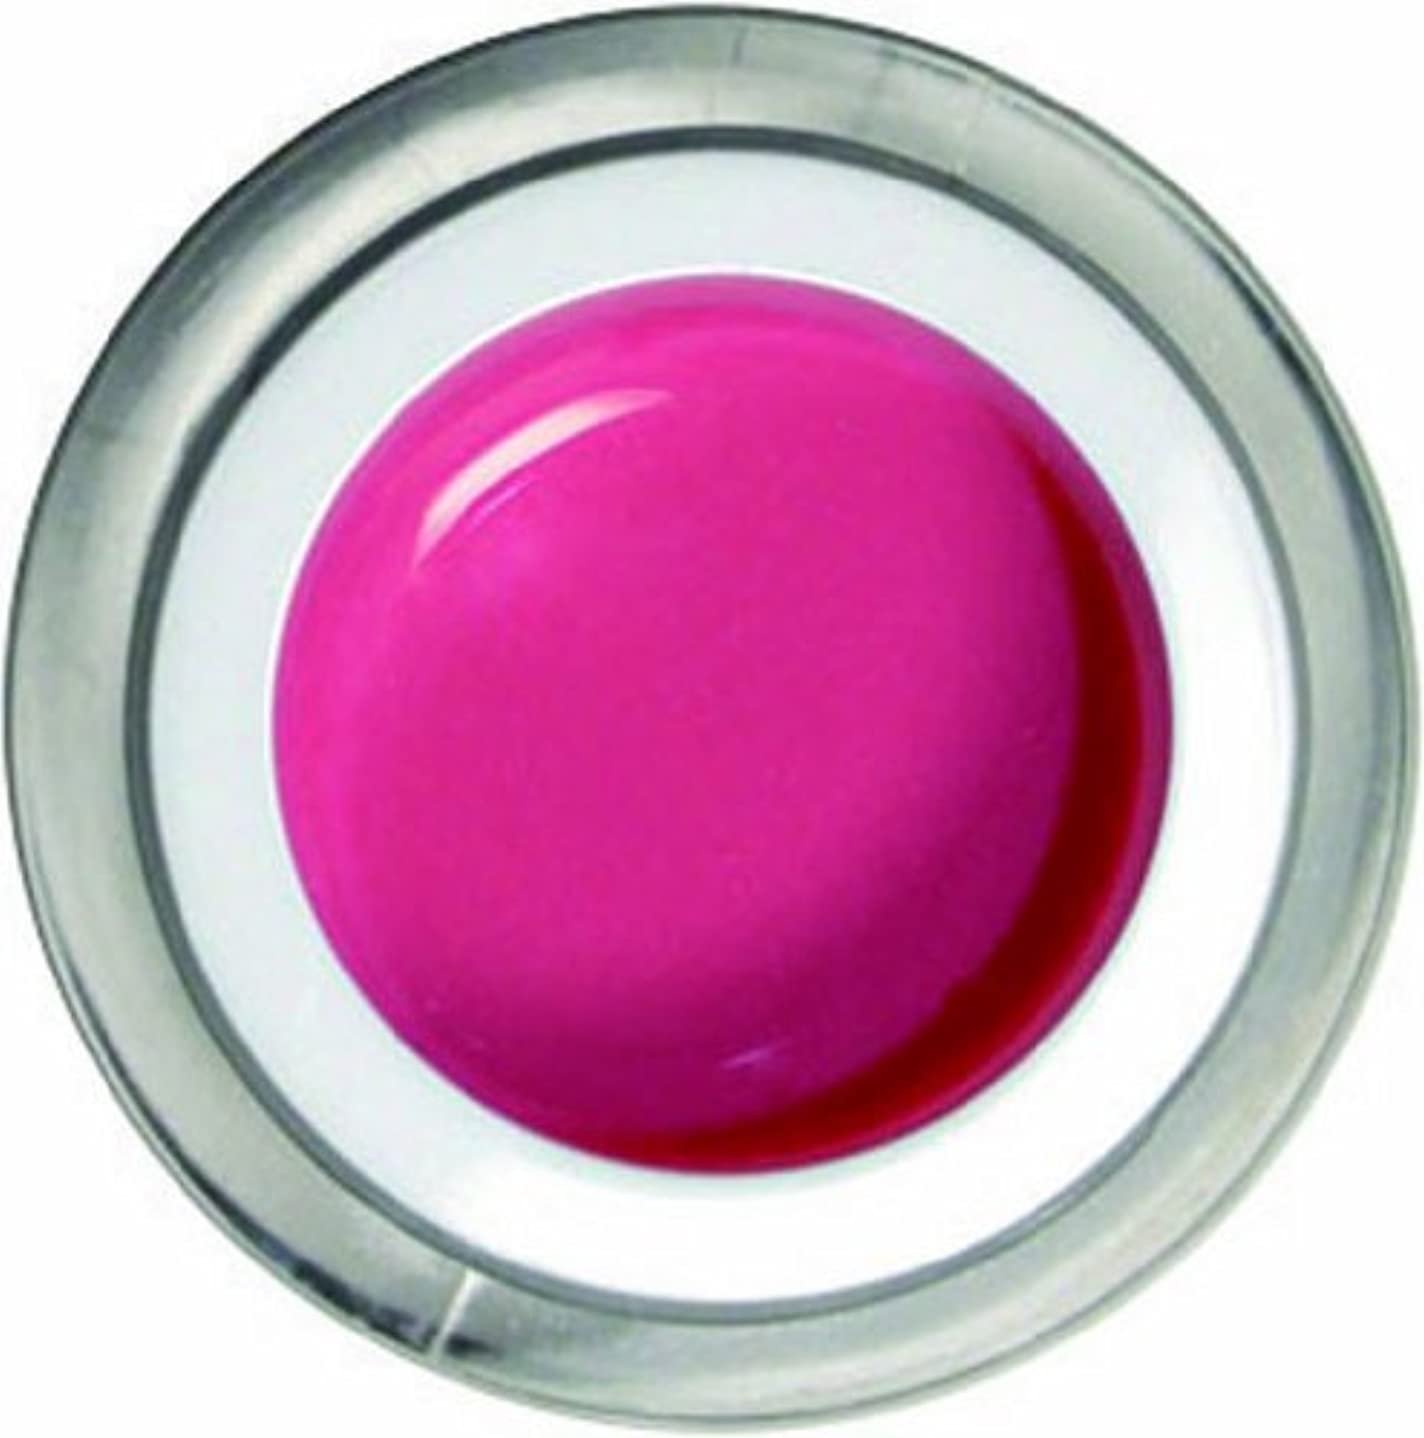 処方する有名に対してメロディコ メロディコジェル #08プリンセスピンク